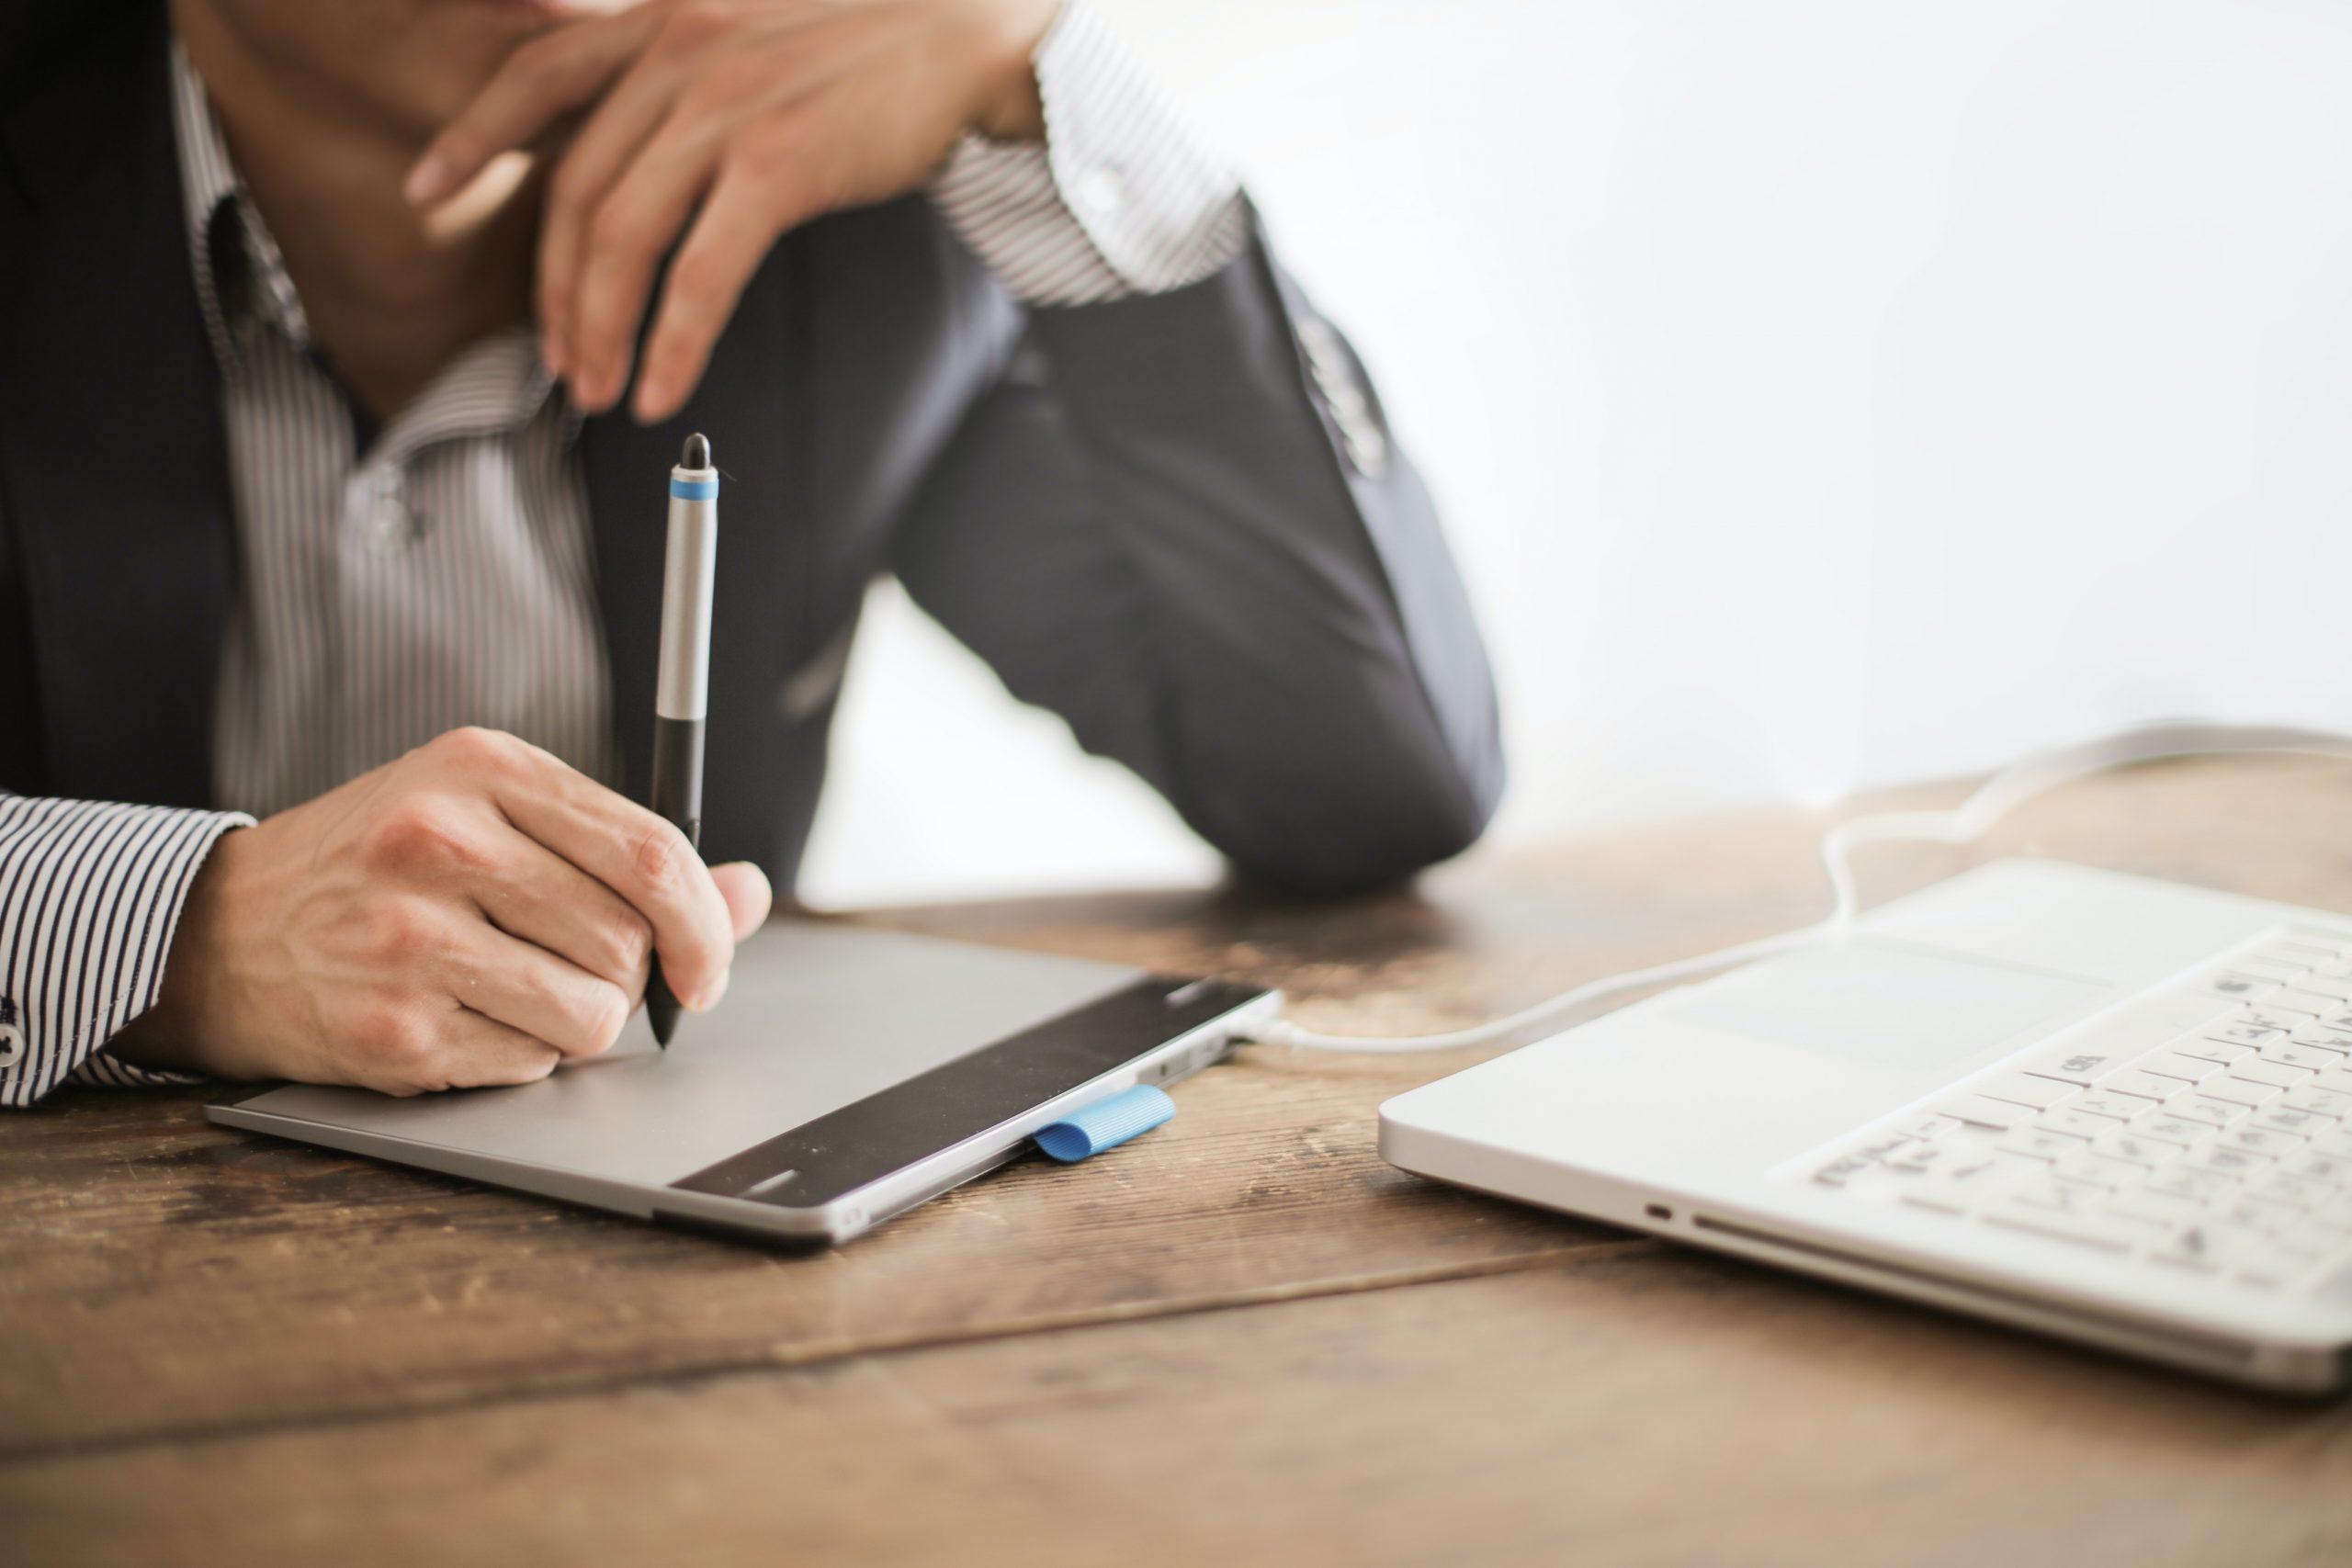 Muž sediaci za stolom s notebookom a perom